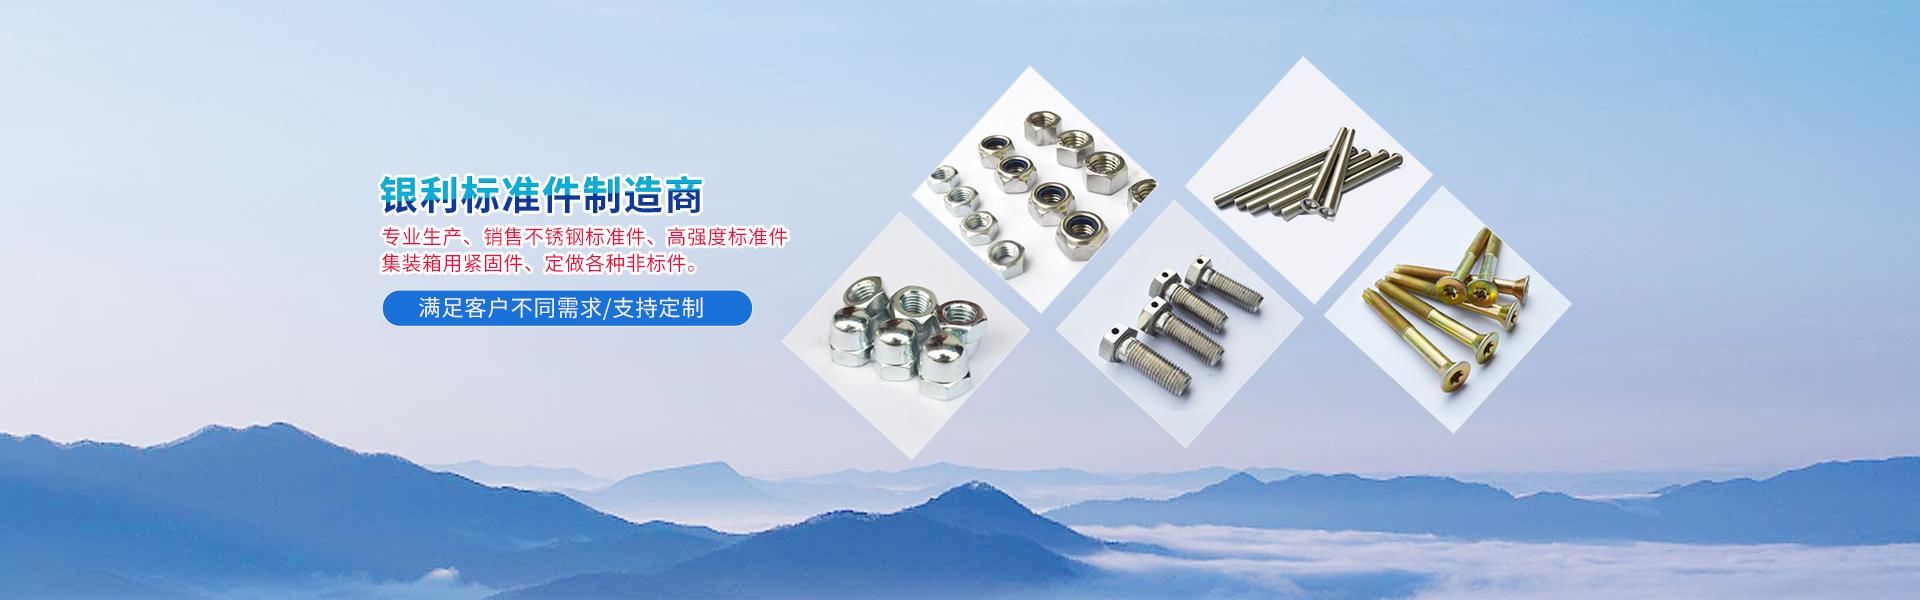 不锈钢高强度标准件